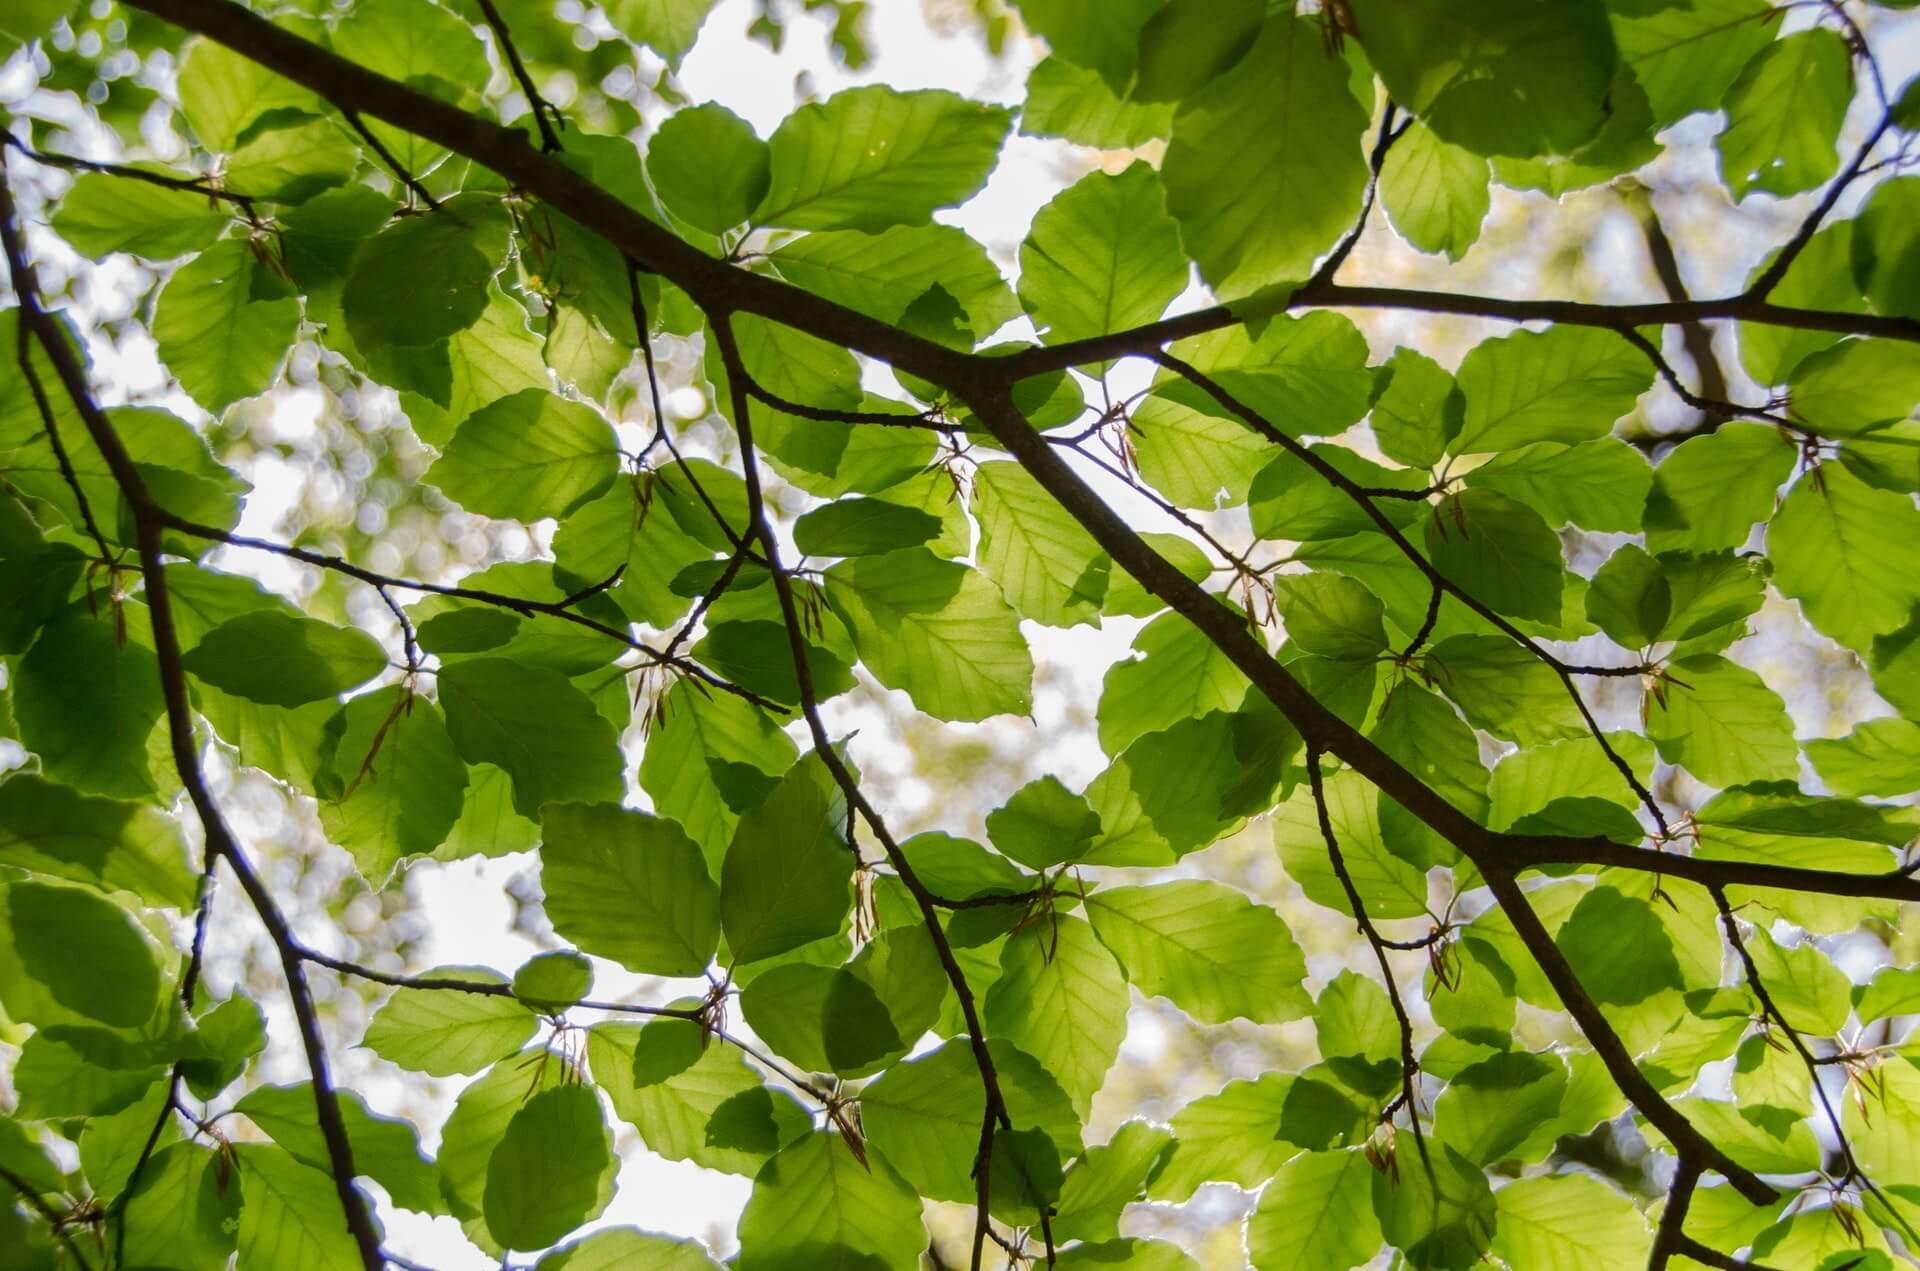 Kletterausrüstung Baumpflege : Startseite baumpfleger